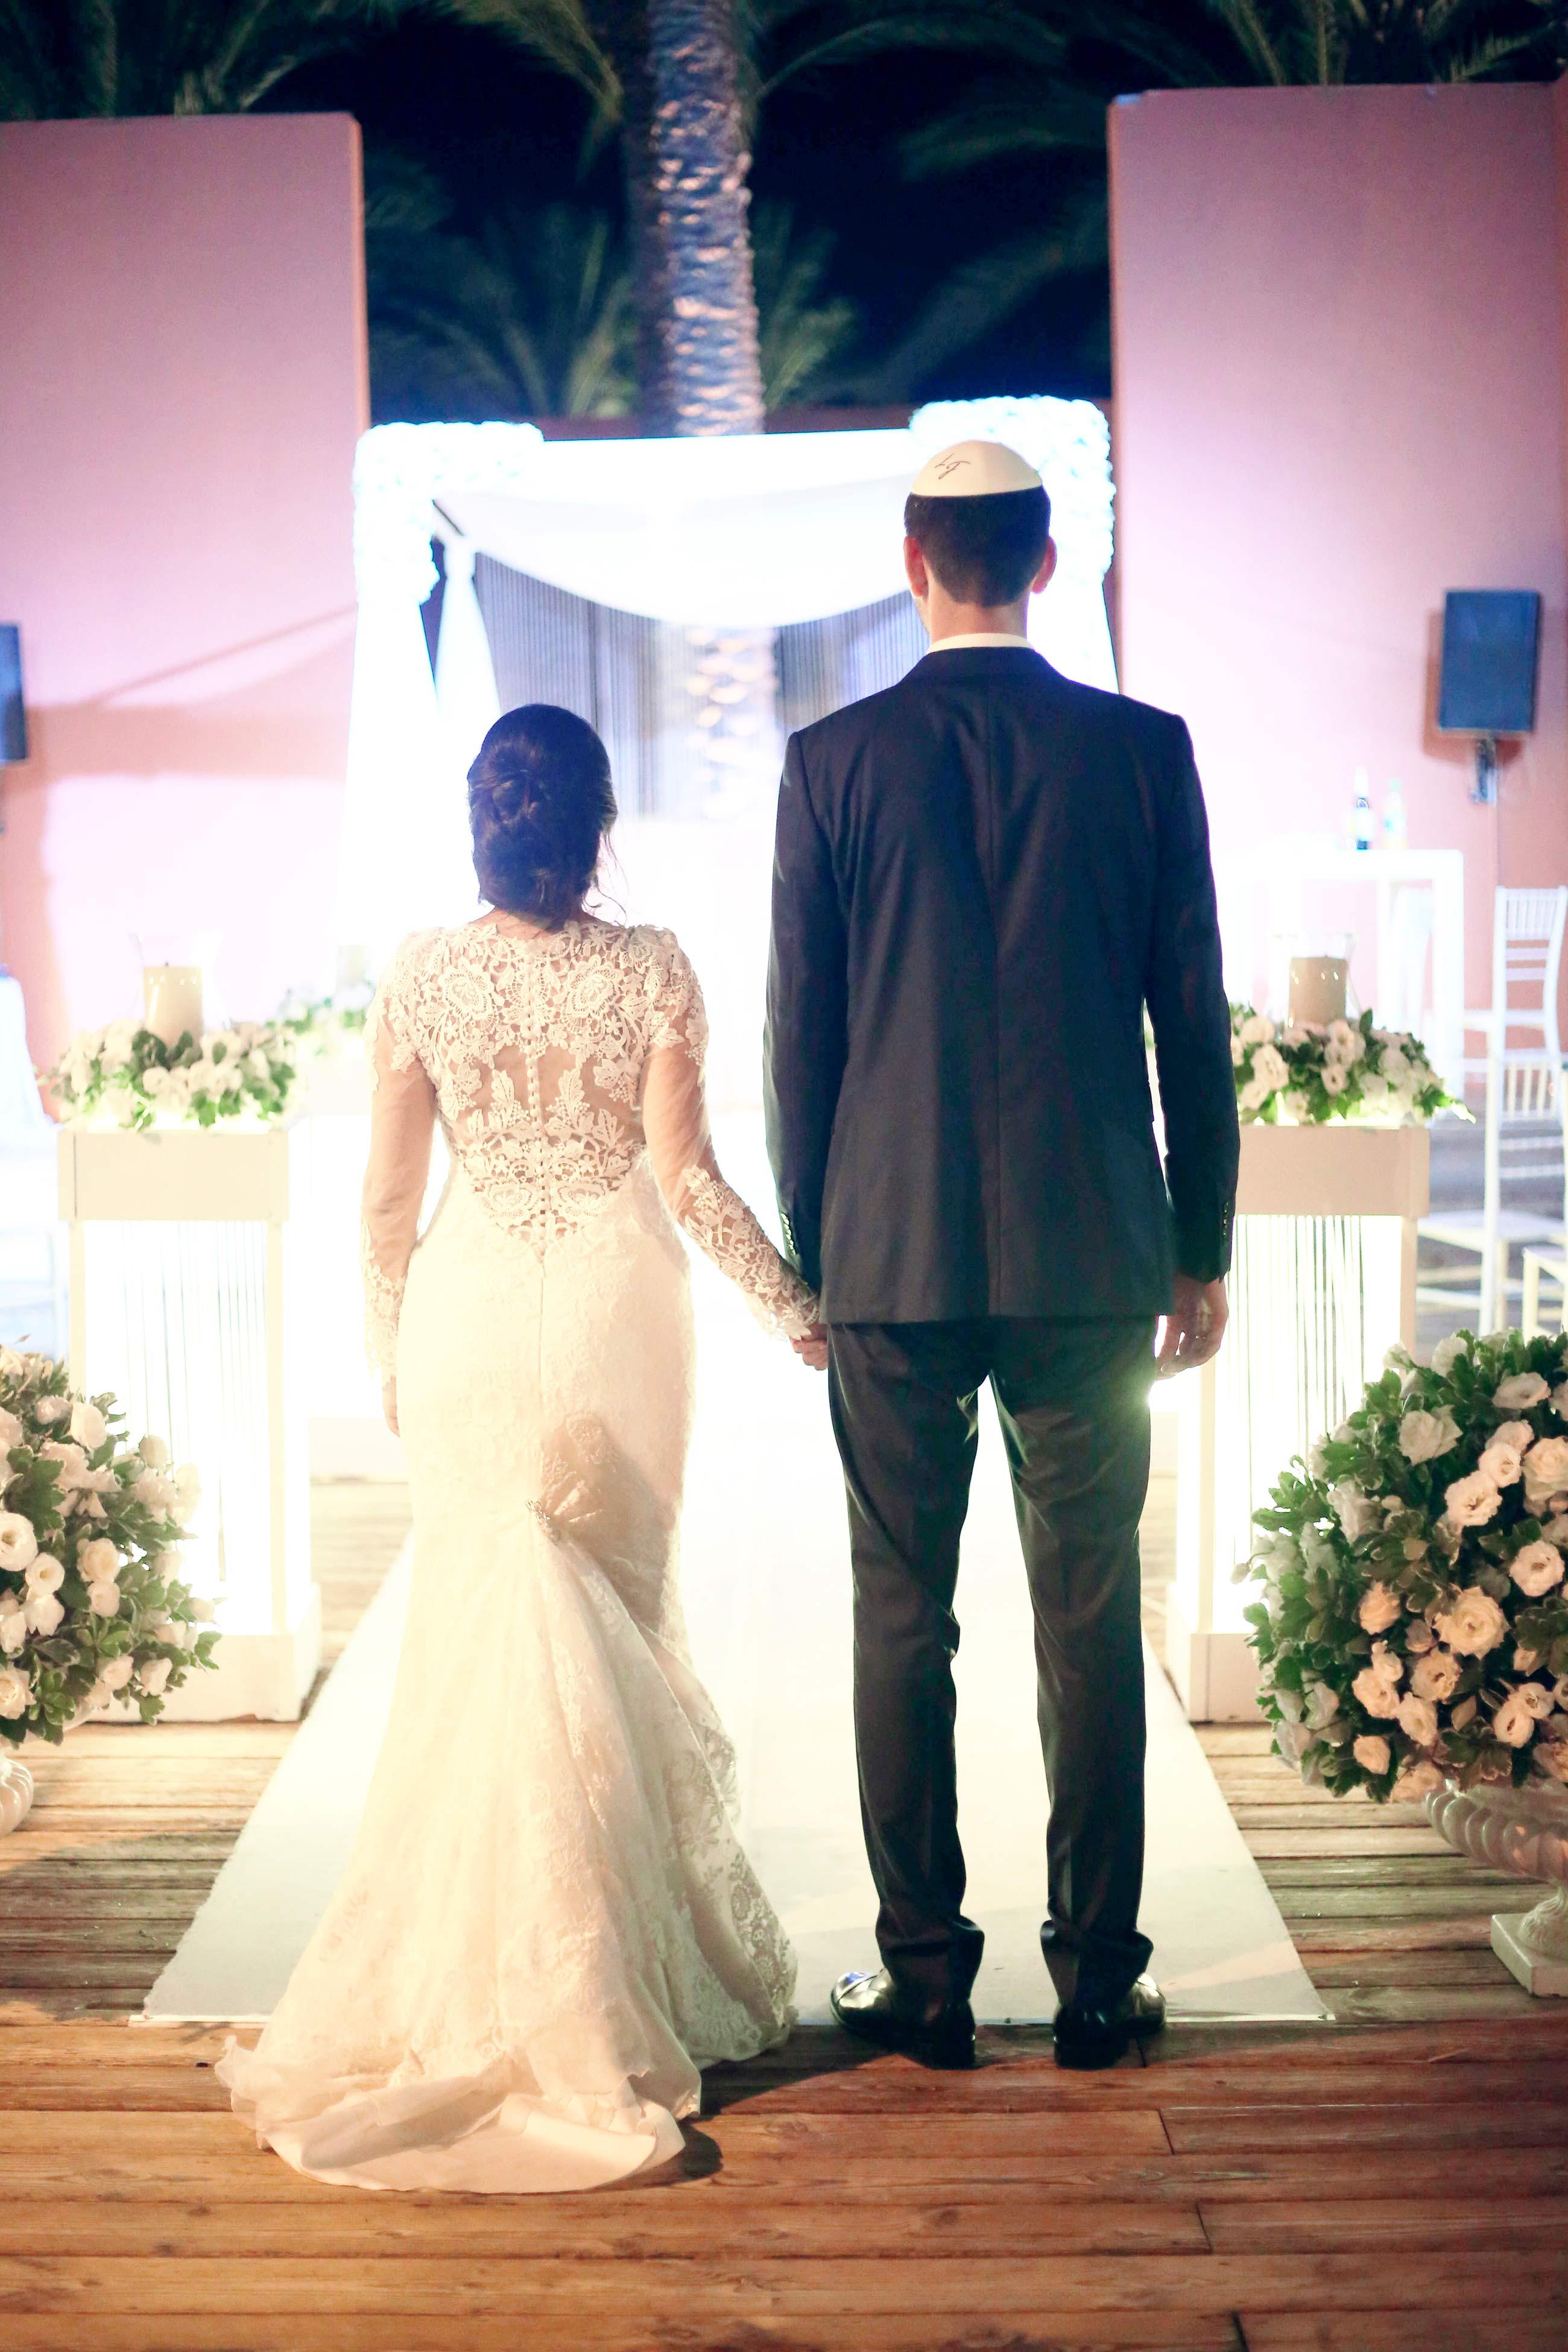 lea-jeremie-mariage-tel-aviv-israel-photographe-paris-video52